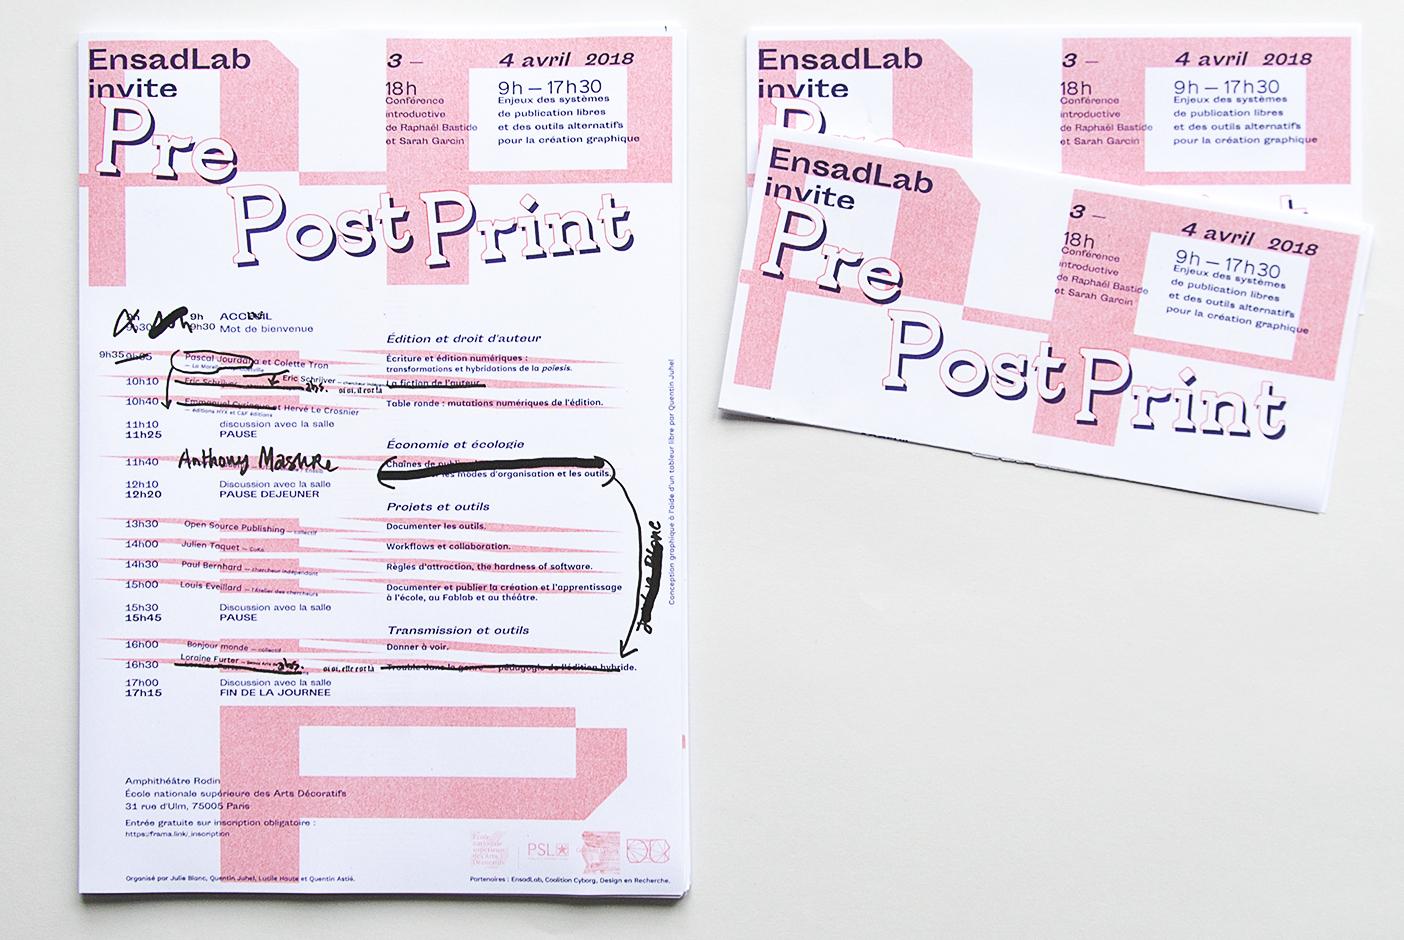 Programme EnsadLab invite PrePostPritn